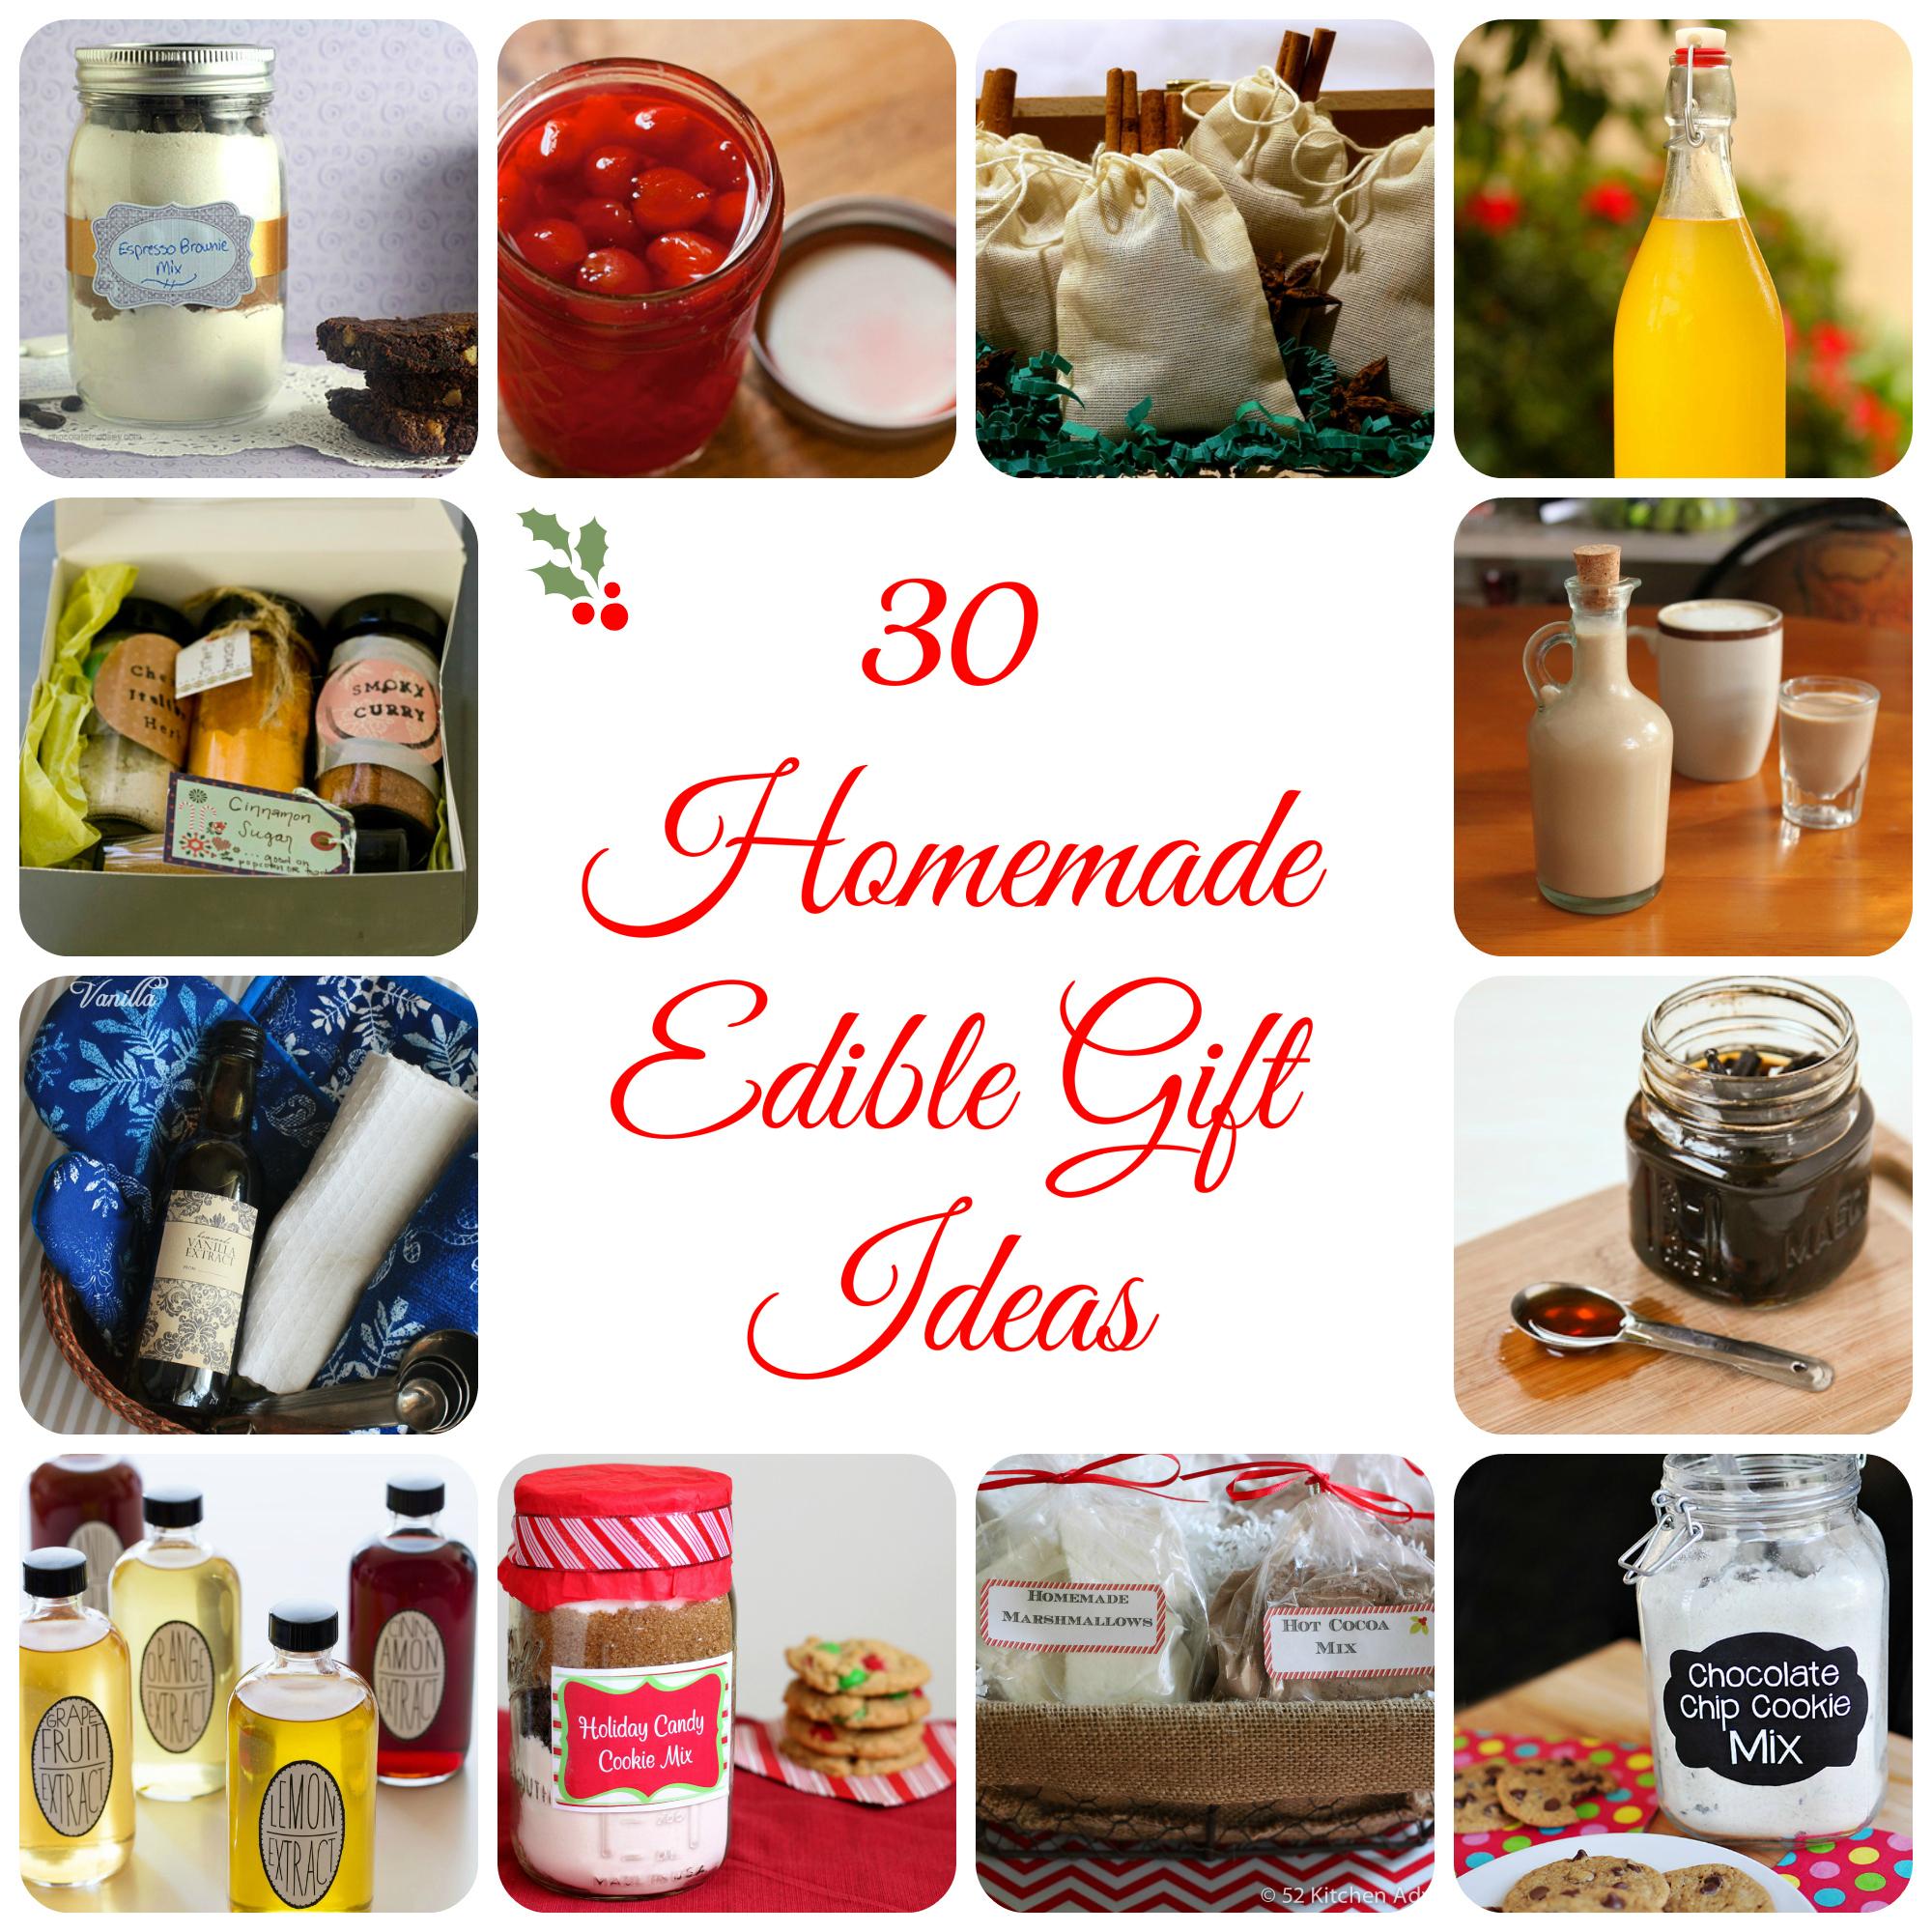 30 Homemade Edible Gift Ideas